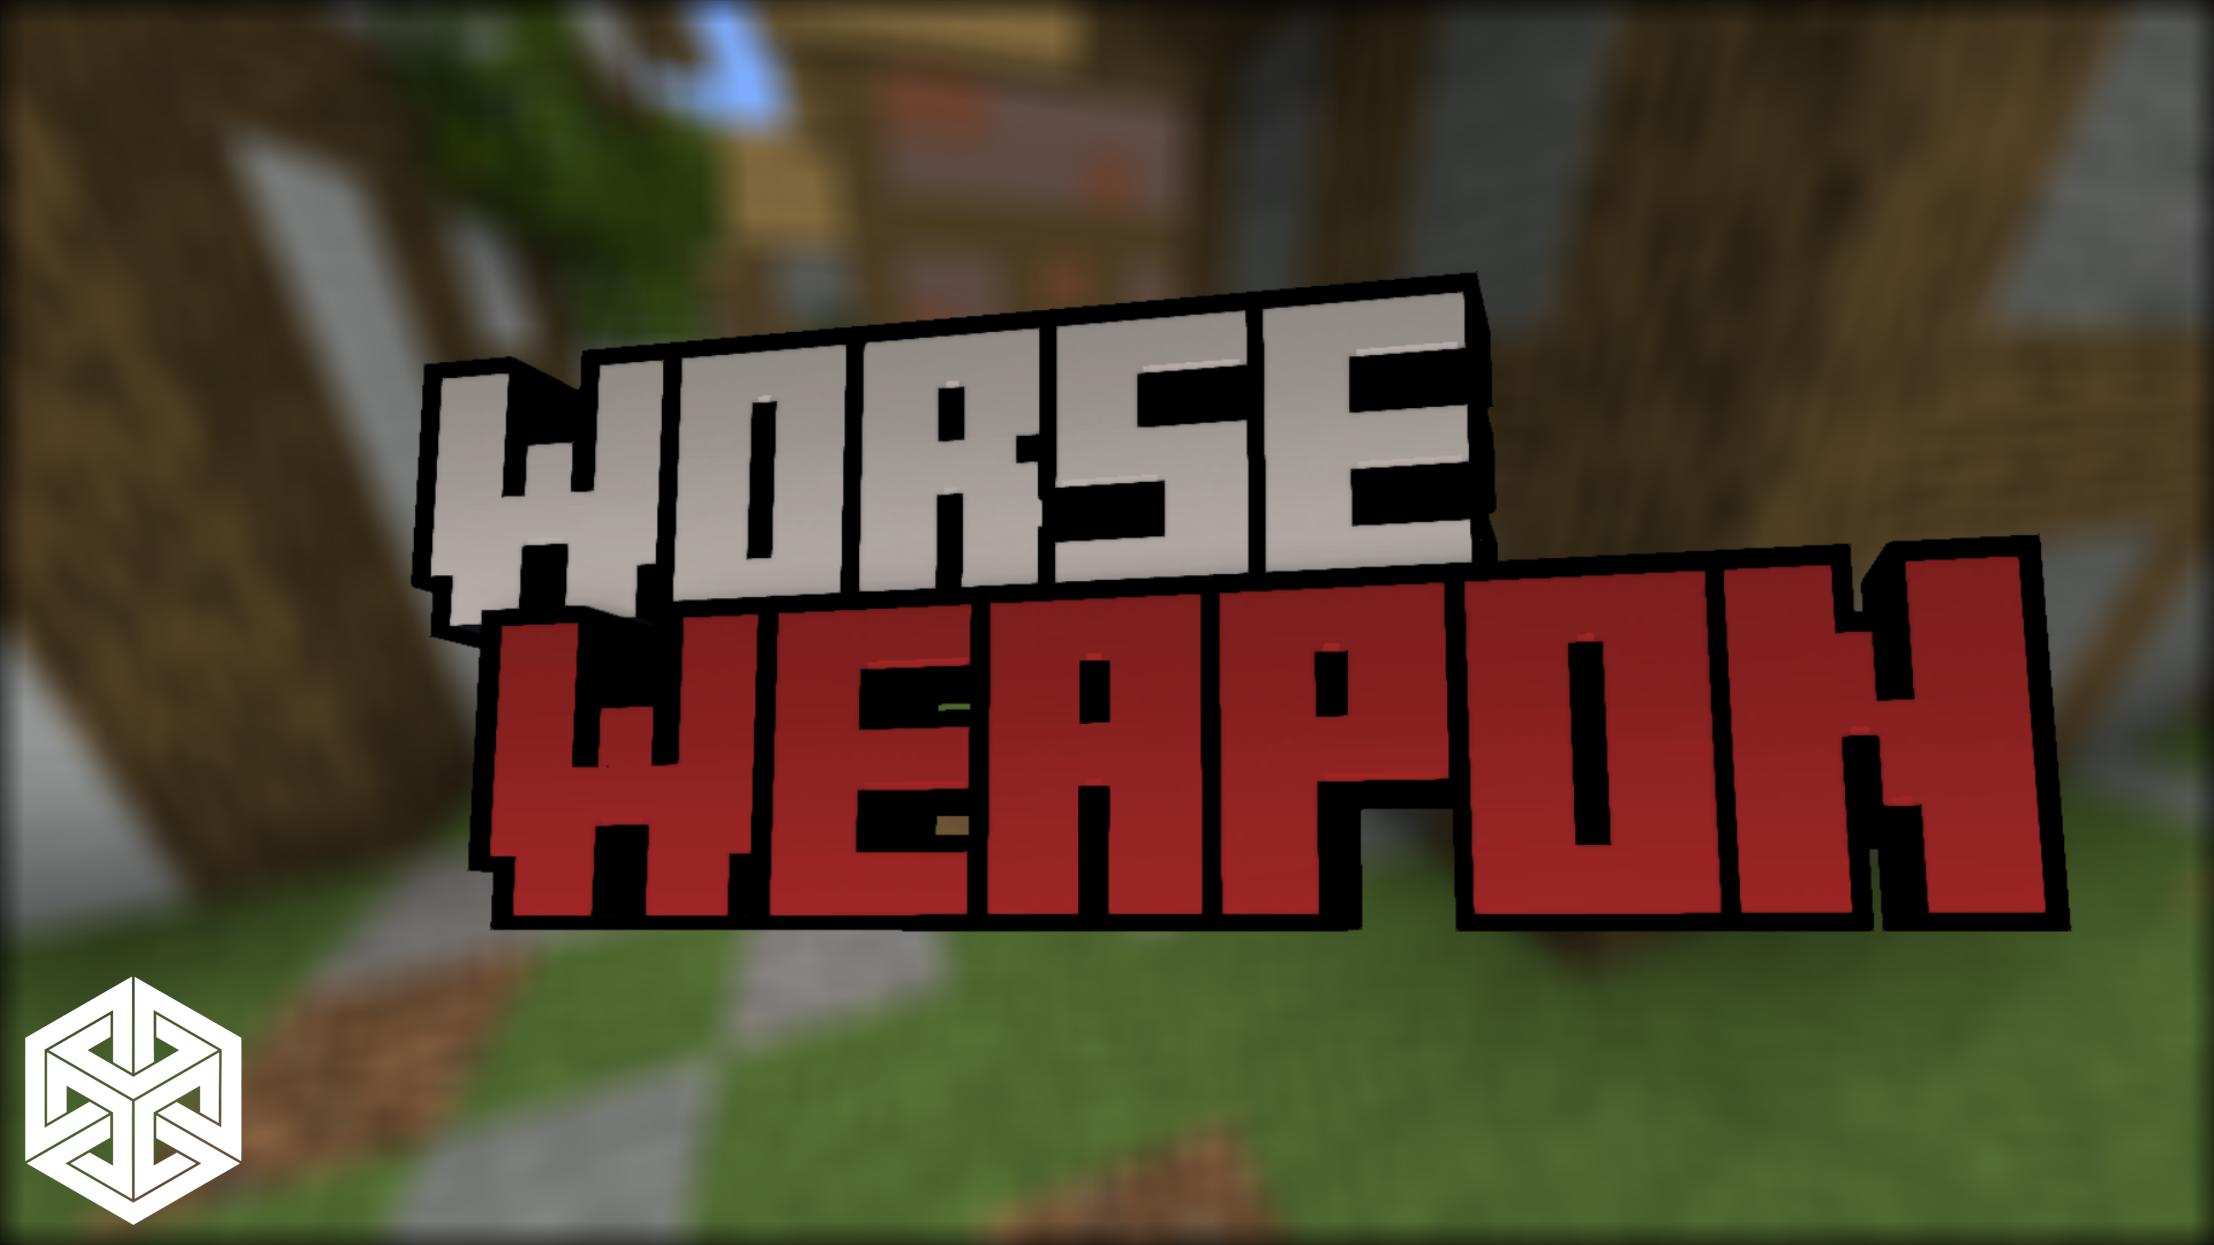 Worse Weapon